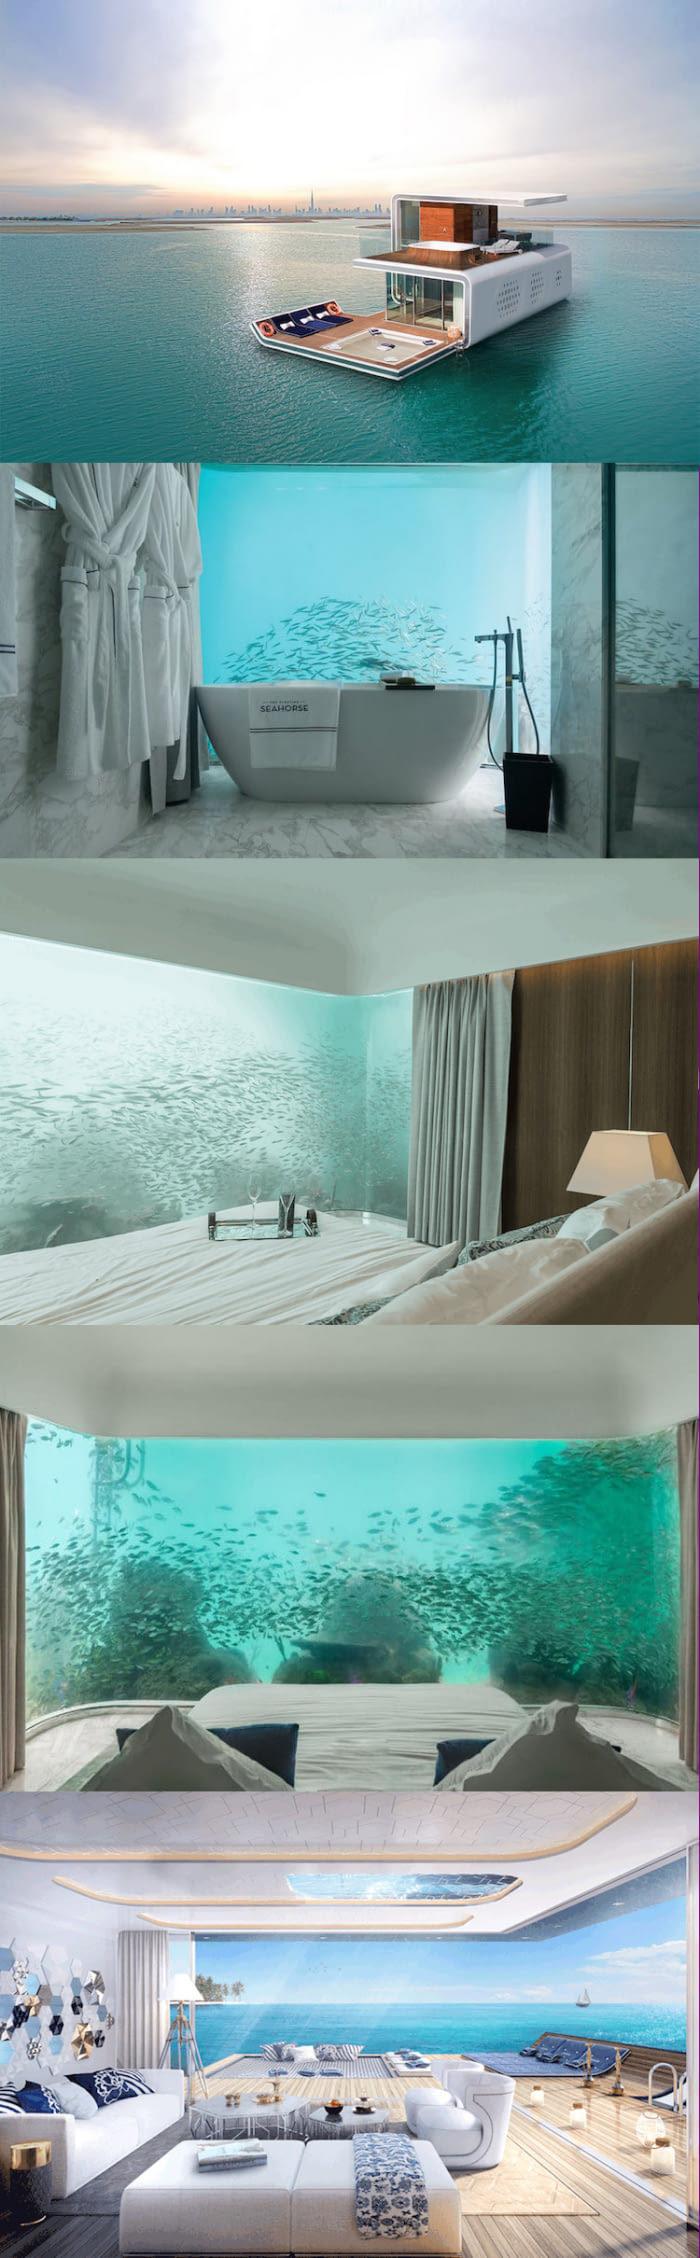 дубай дома под водой